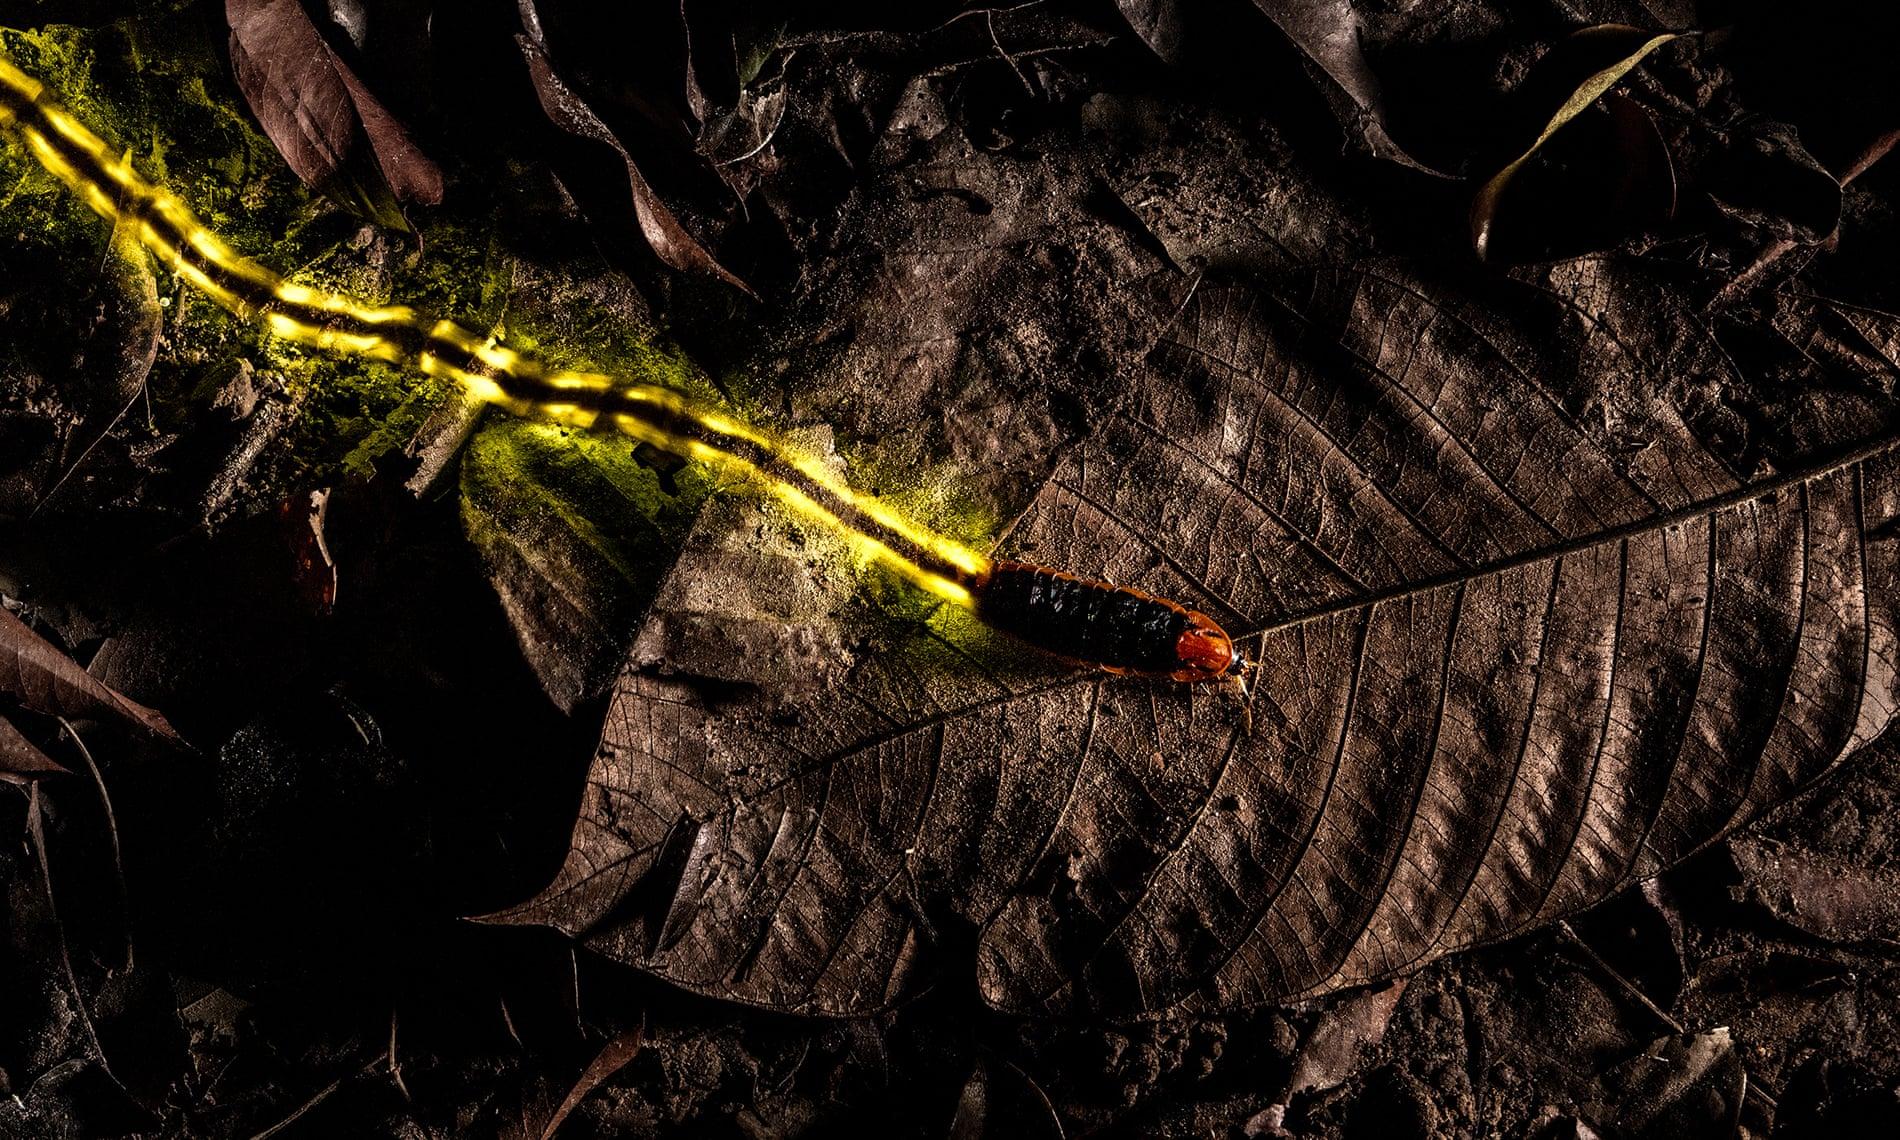 84 fotones de naturaleza salvaje en Ataria